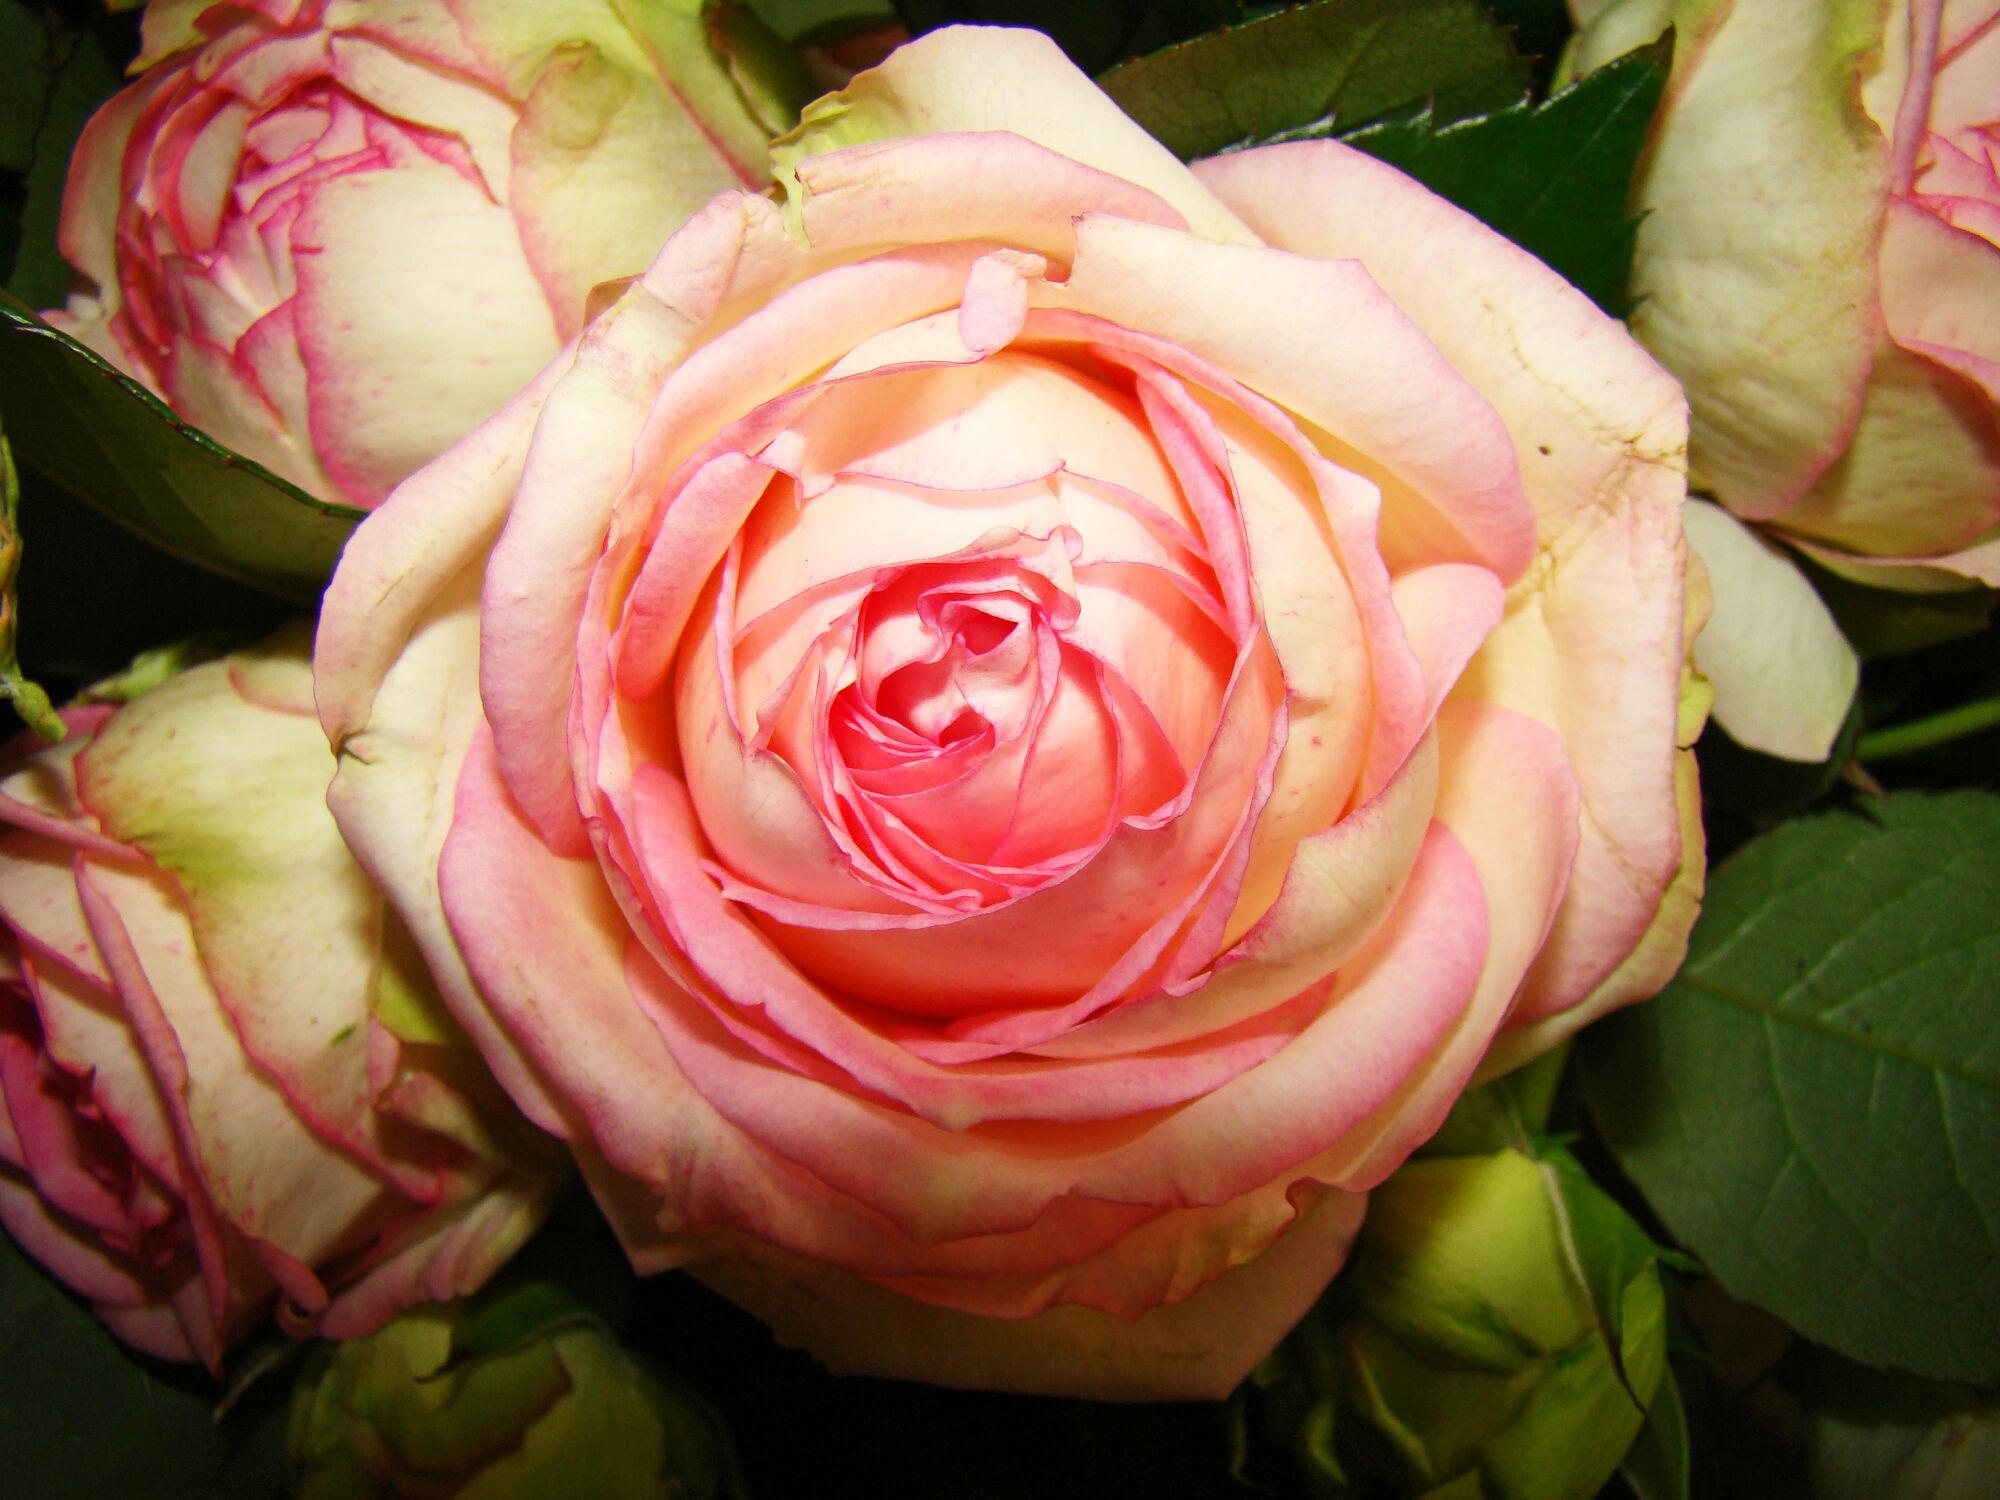 Bild mit Blumen, Rosen, Blume, Rose, romantik, Blüten, blüte, Liebe, Love